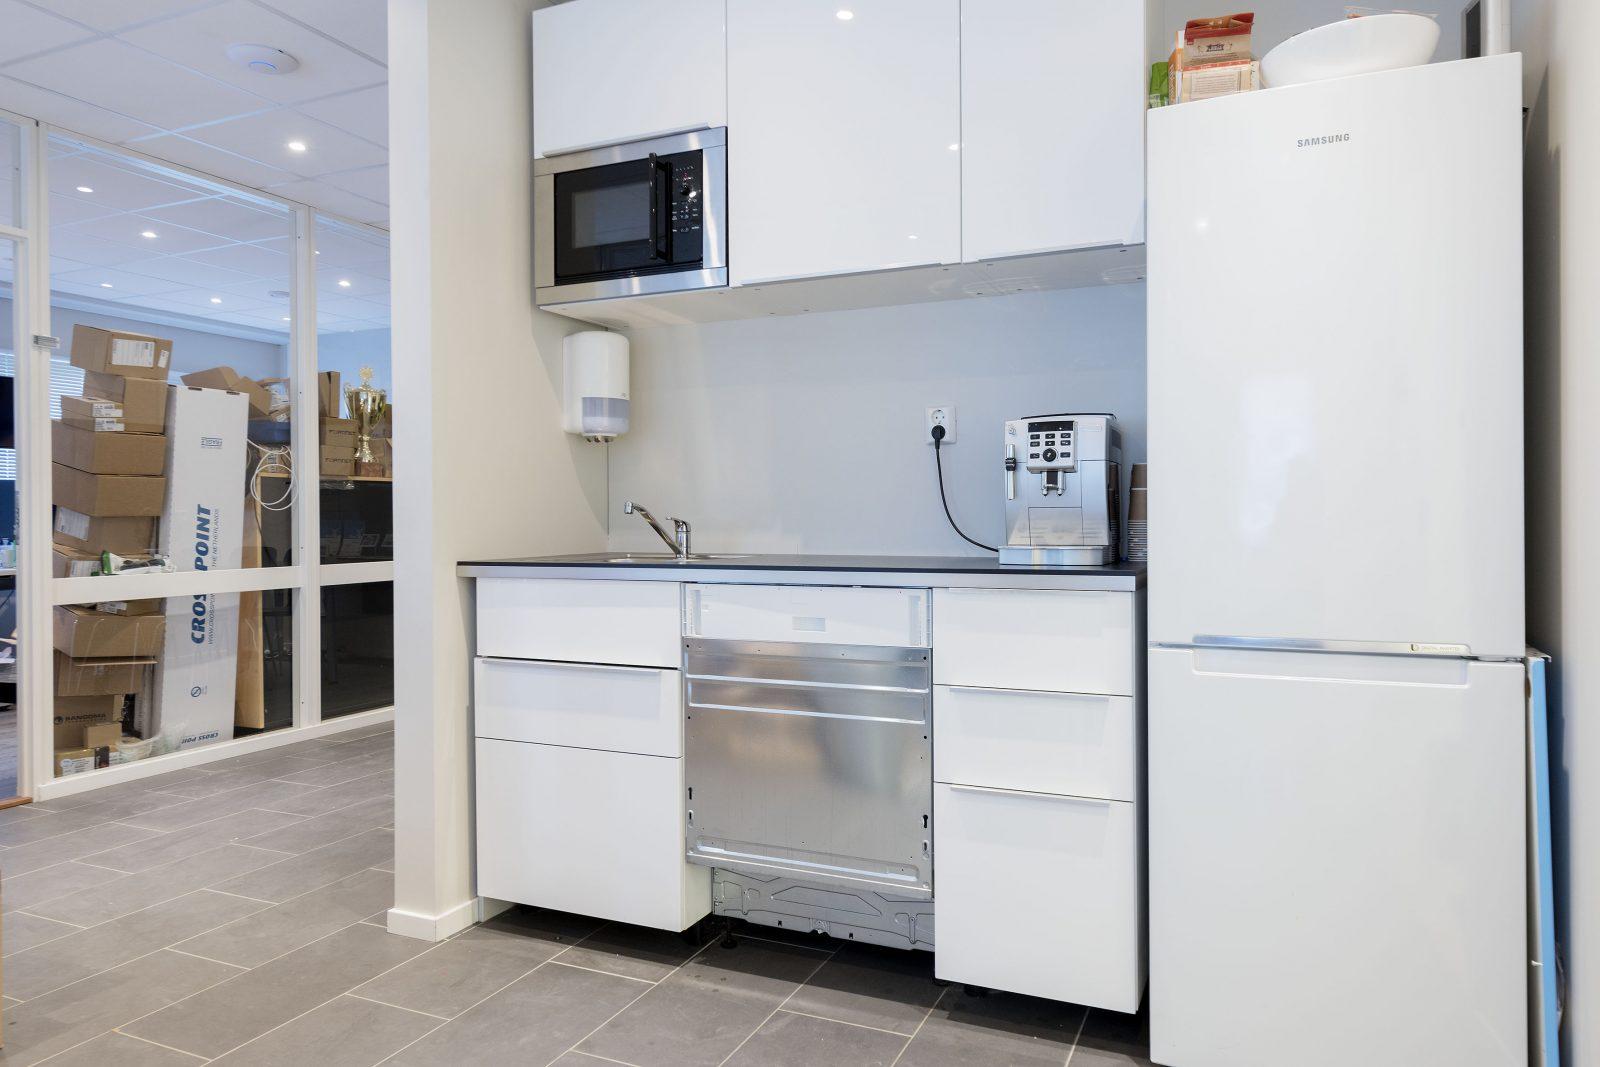 Kjøkken i kontordel/lager ca. 142 kvm